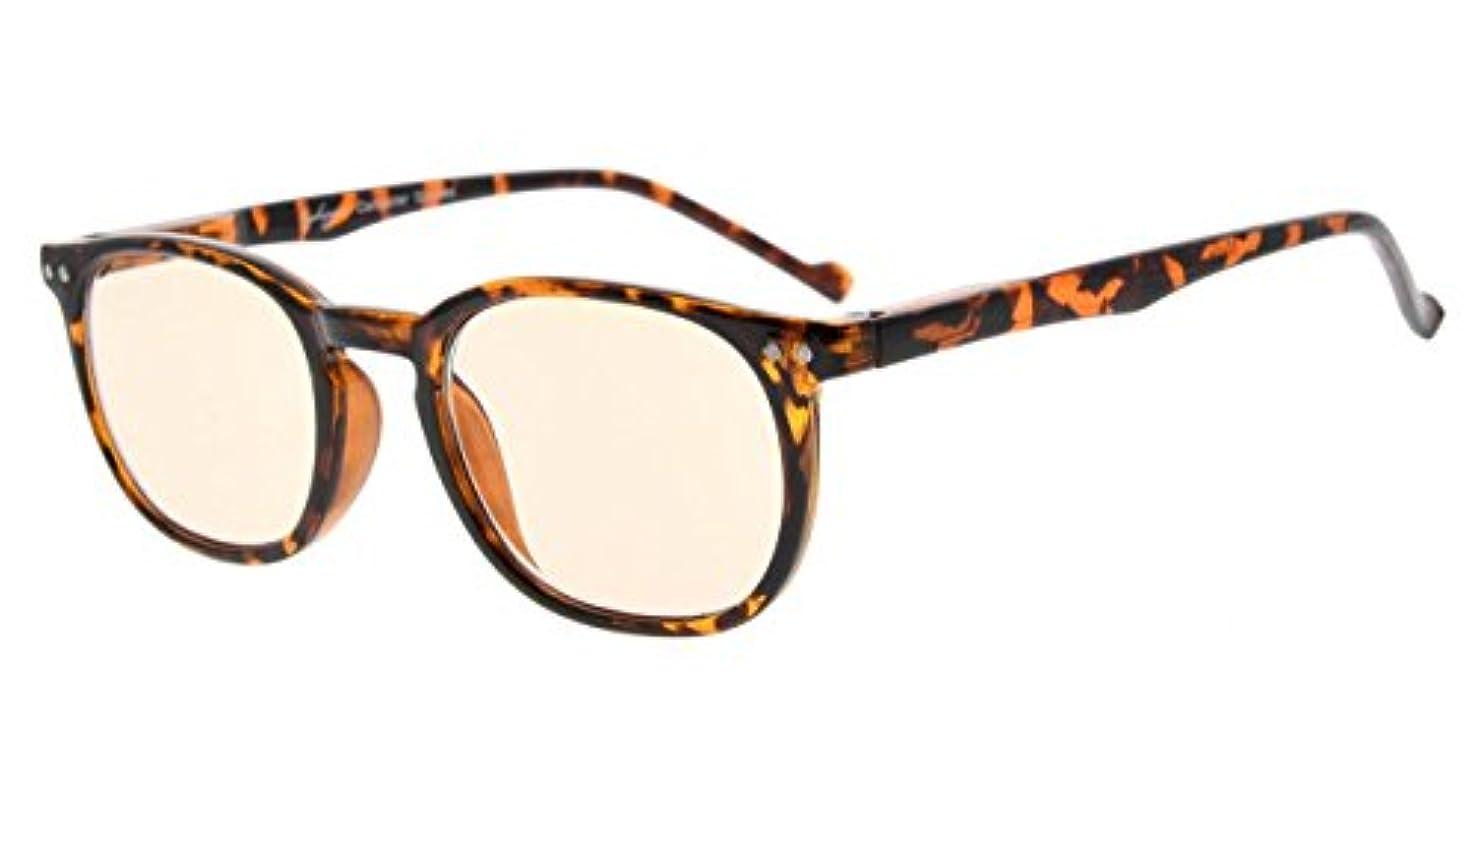 なめらかな求人ラジウムアイキーパー(Eyekepper)ヴィンテージ パソコン用眼鏡 PCメガネ リーディンググラス 老眼鏡 読書用 ノングレア 眩しさカット UVカット メンズ レディース ケース&クロス付 (琥珀色レンズ,ベッコウ) +2.0